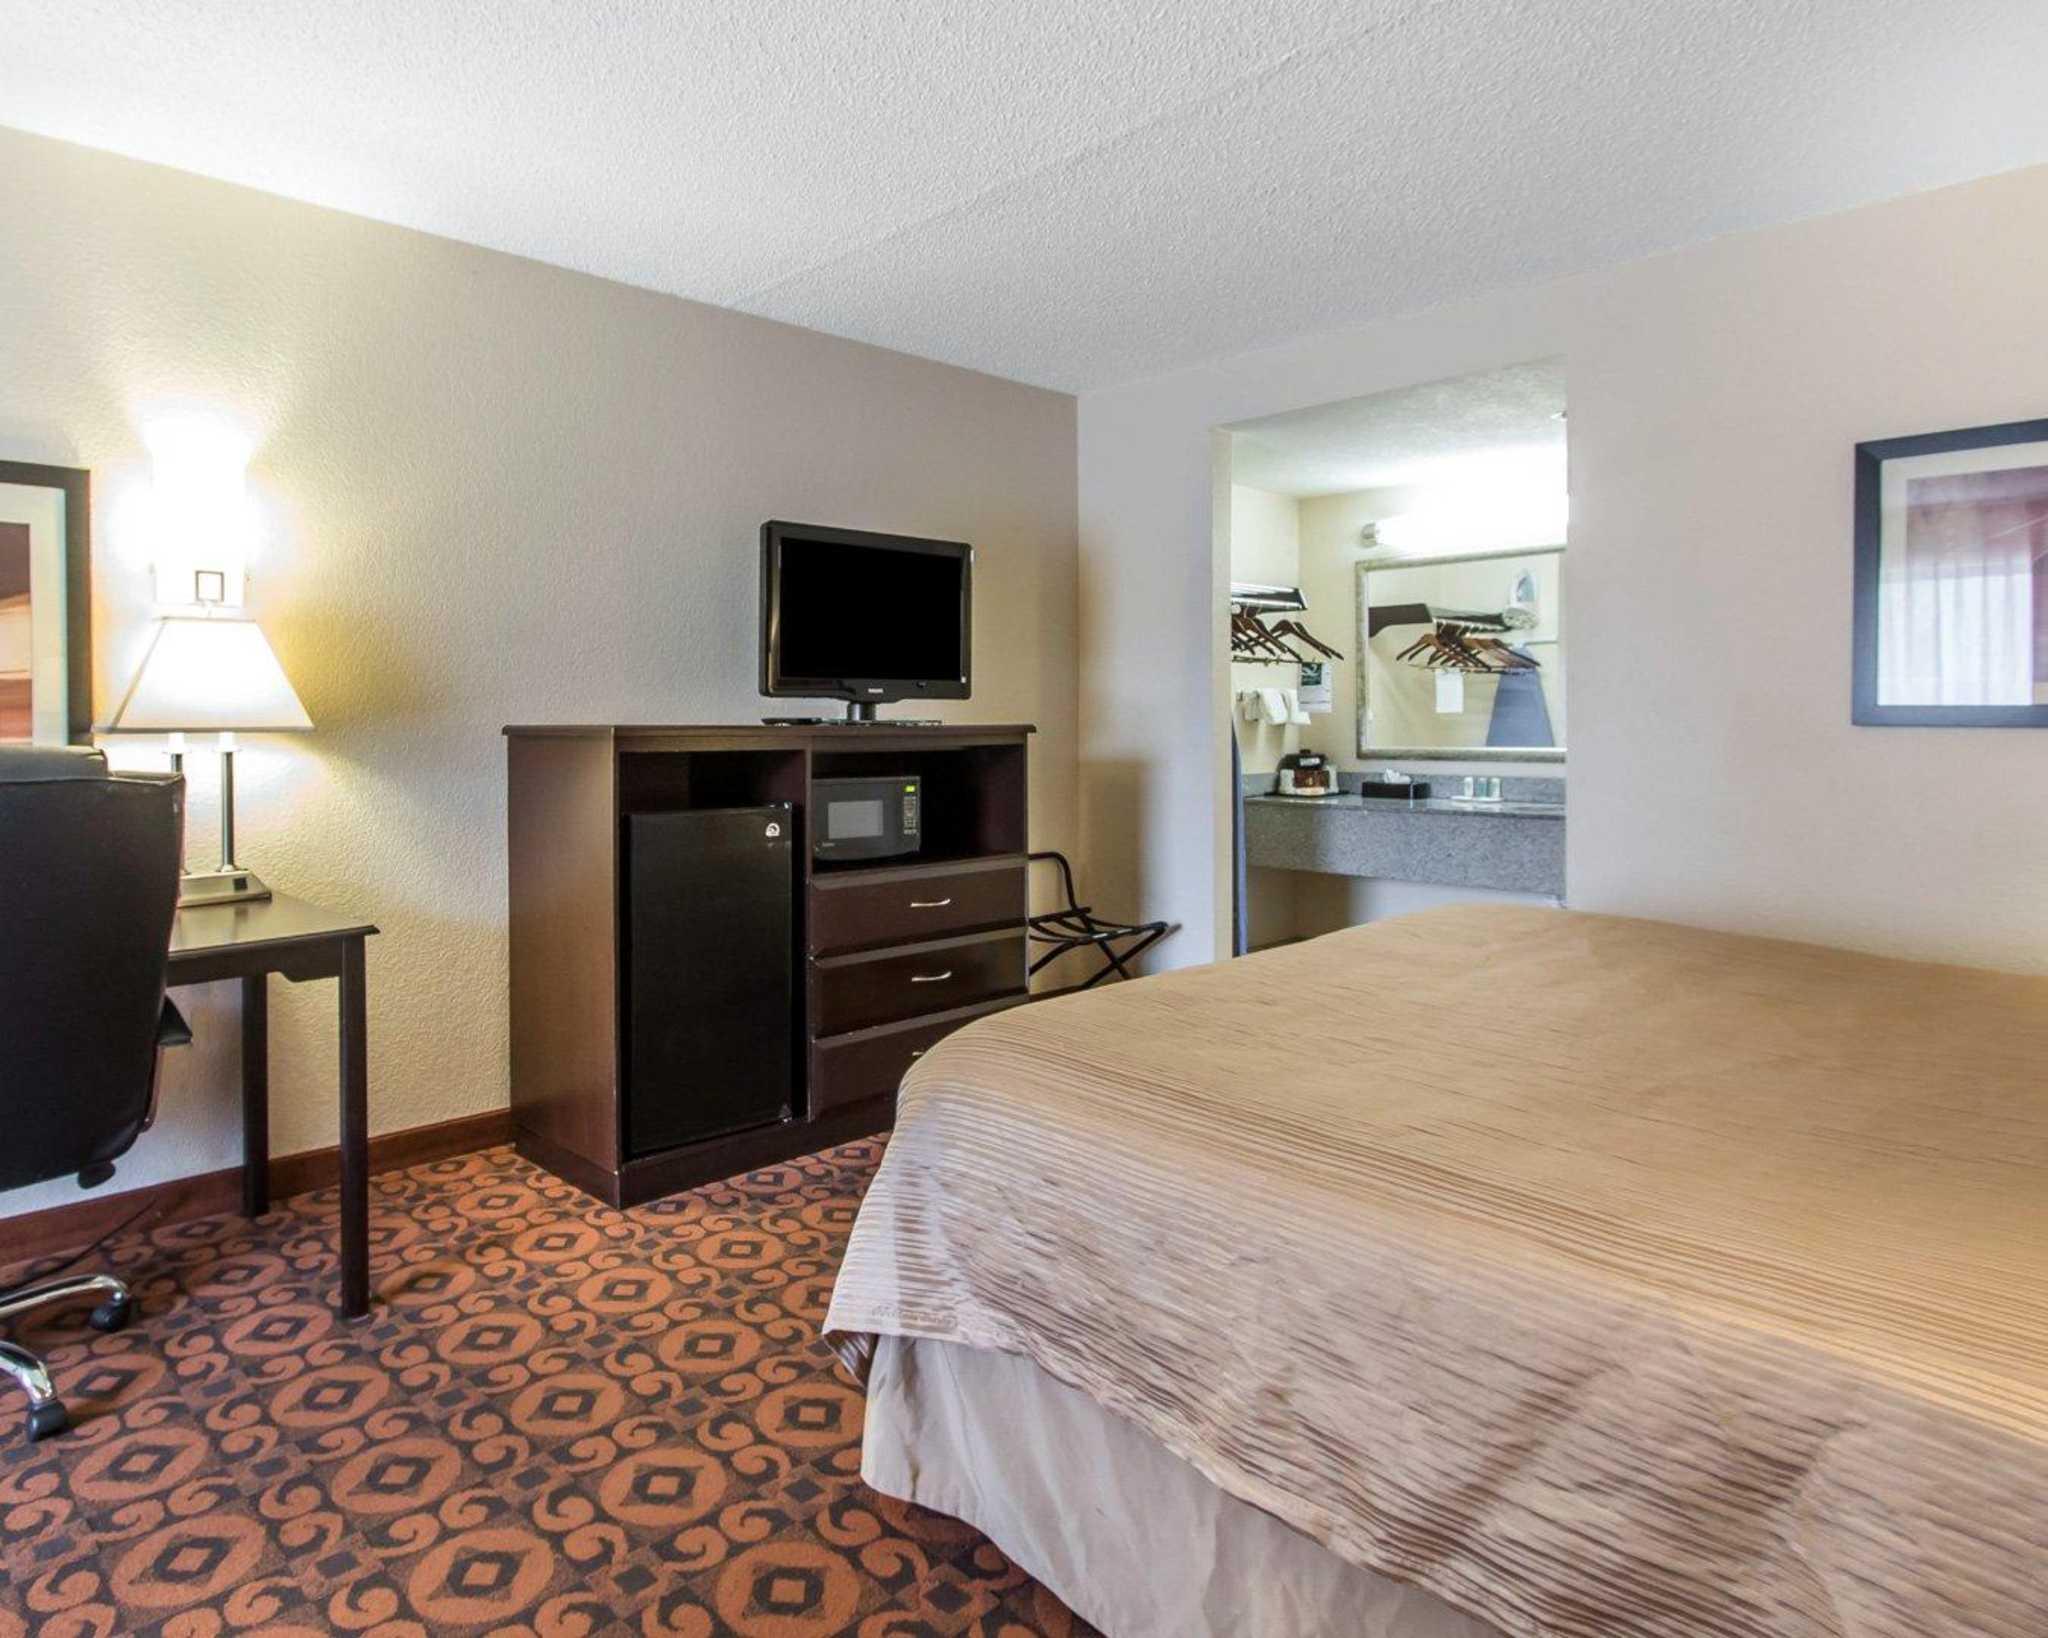 Quality Inn & Suites Fairgrounds West image 8